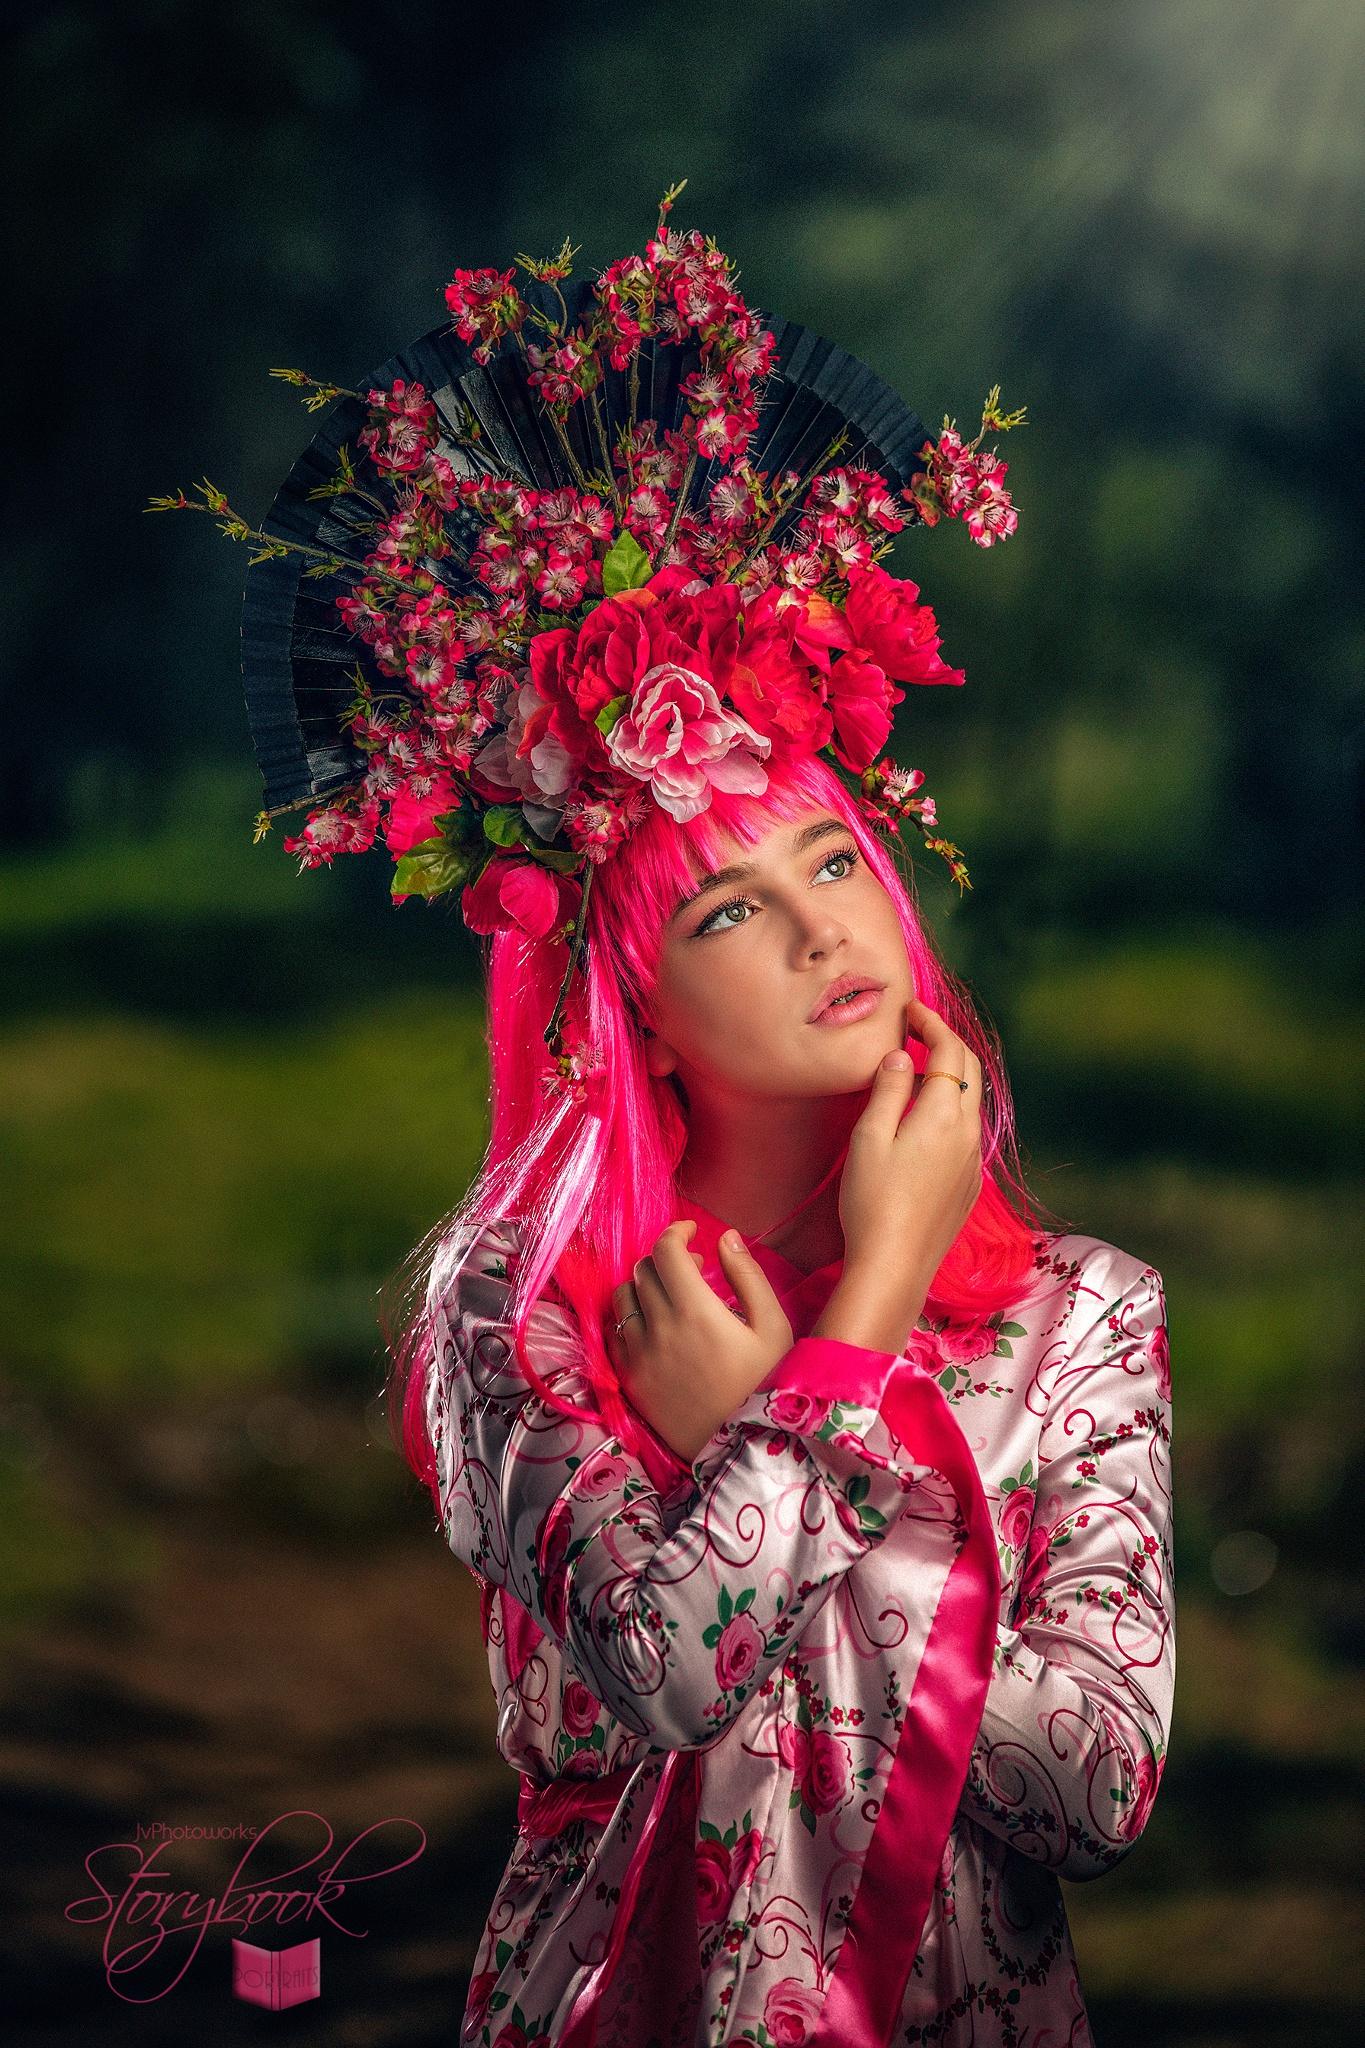 ピンク芸者(Pink Geisha) by Javier Vazquez